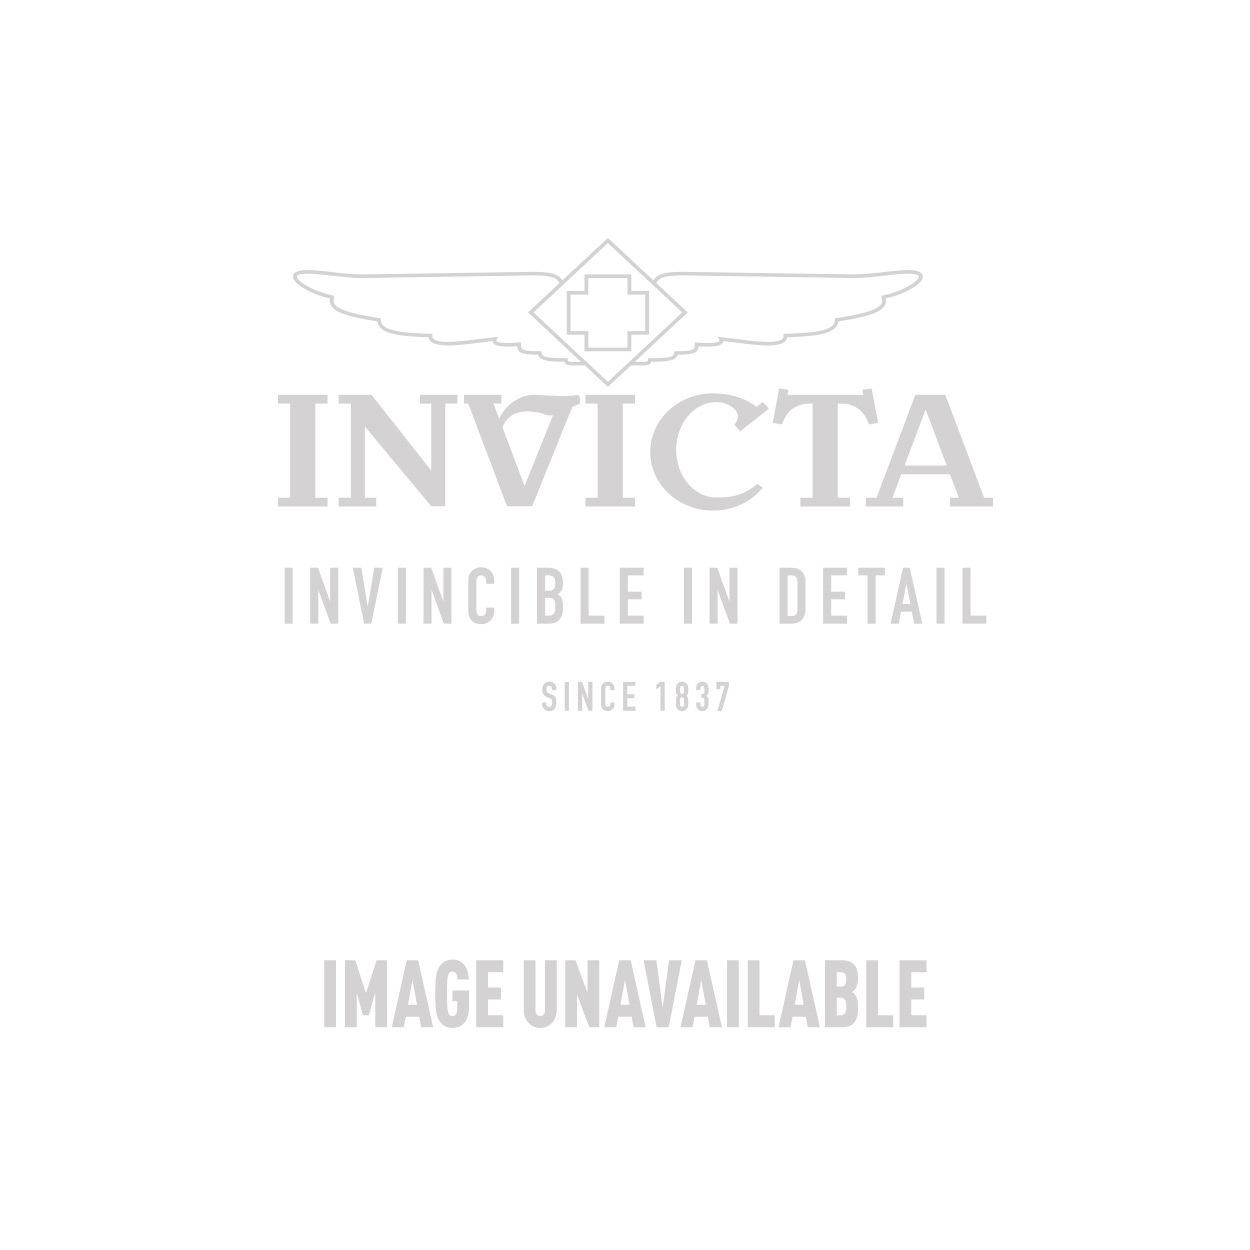 Invicta Model 23559